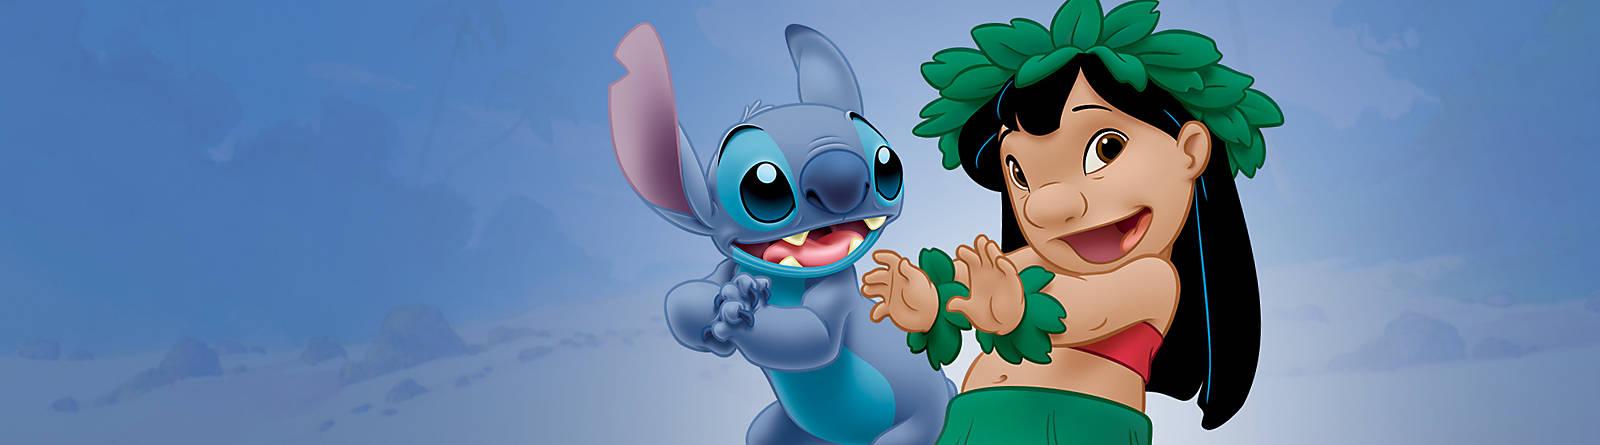 Lilo & Stitch Lilo et Stitch forment un duo improbable et malicieux ! La petite Hawaïenne et son ami extraterrestre s'invitent chez Disney.